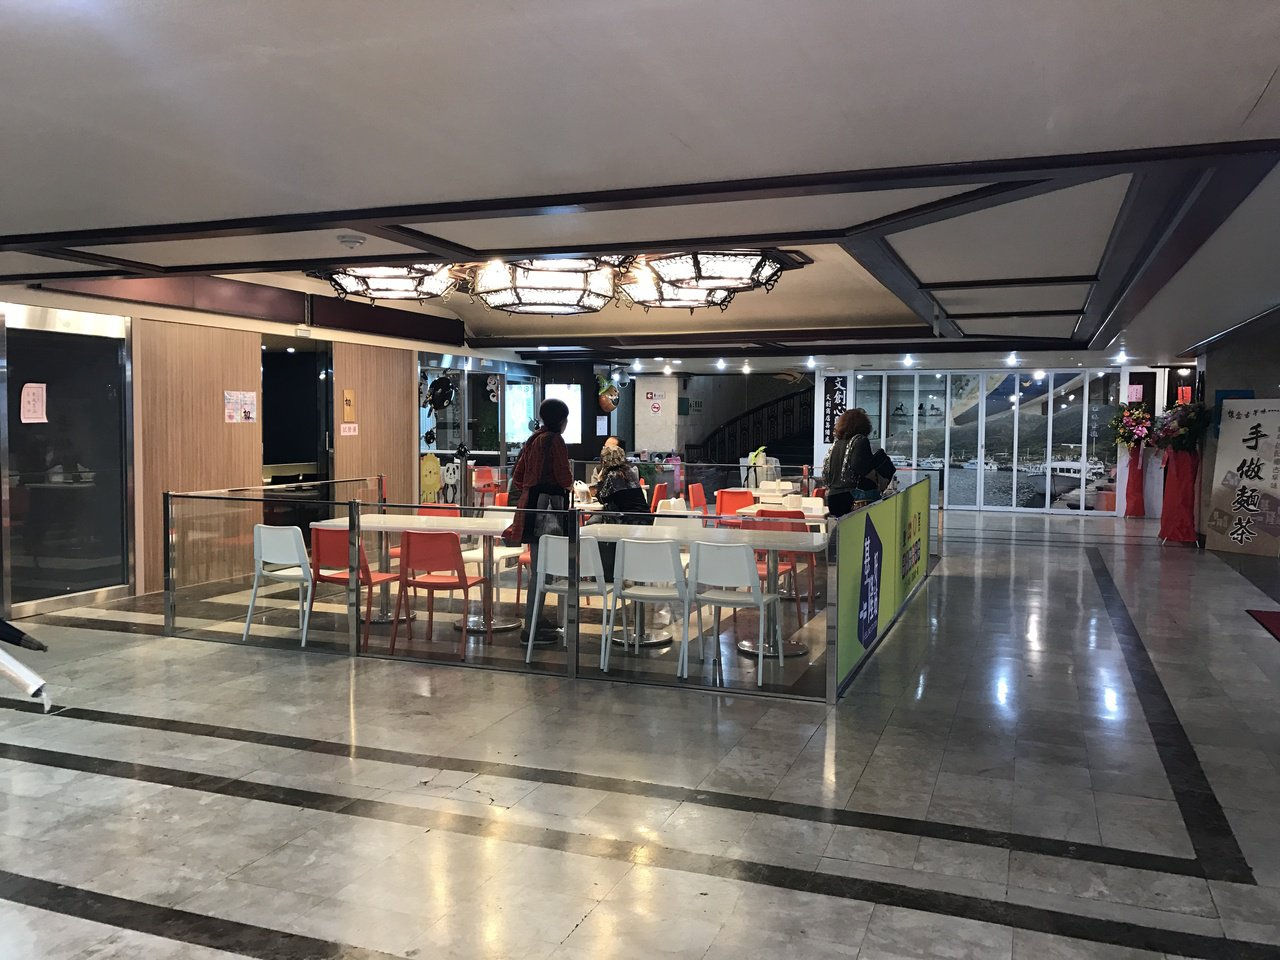 過去演藝廳一樓對外的大廳,常被遊民占據,讓人觀感不佳,如今不一樣了,這裡變成文創...